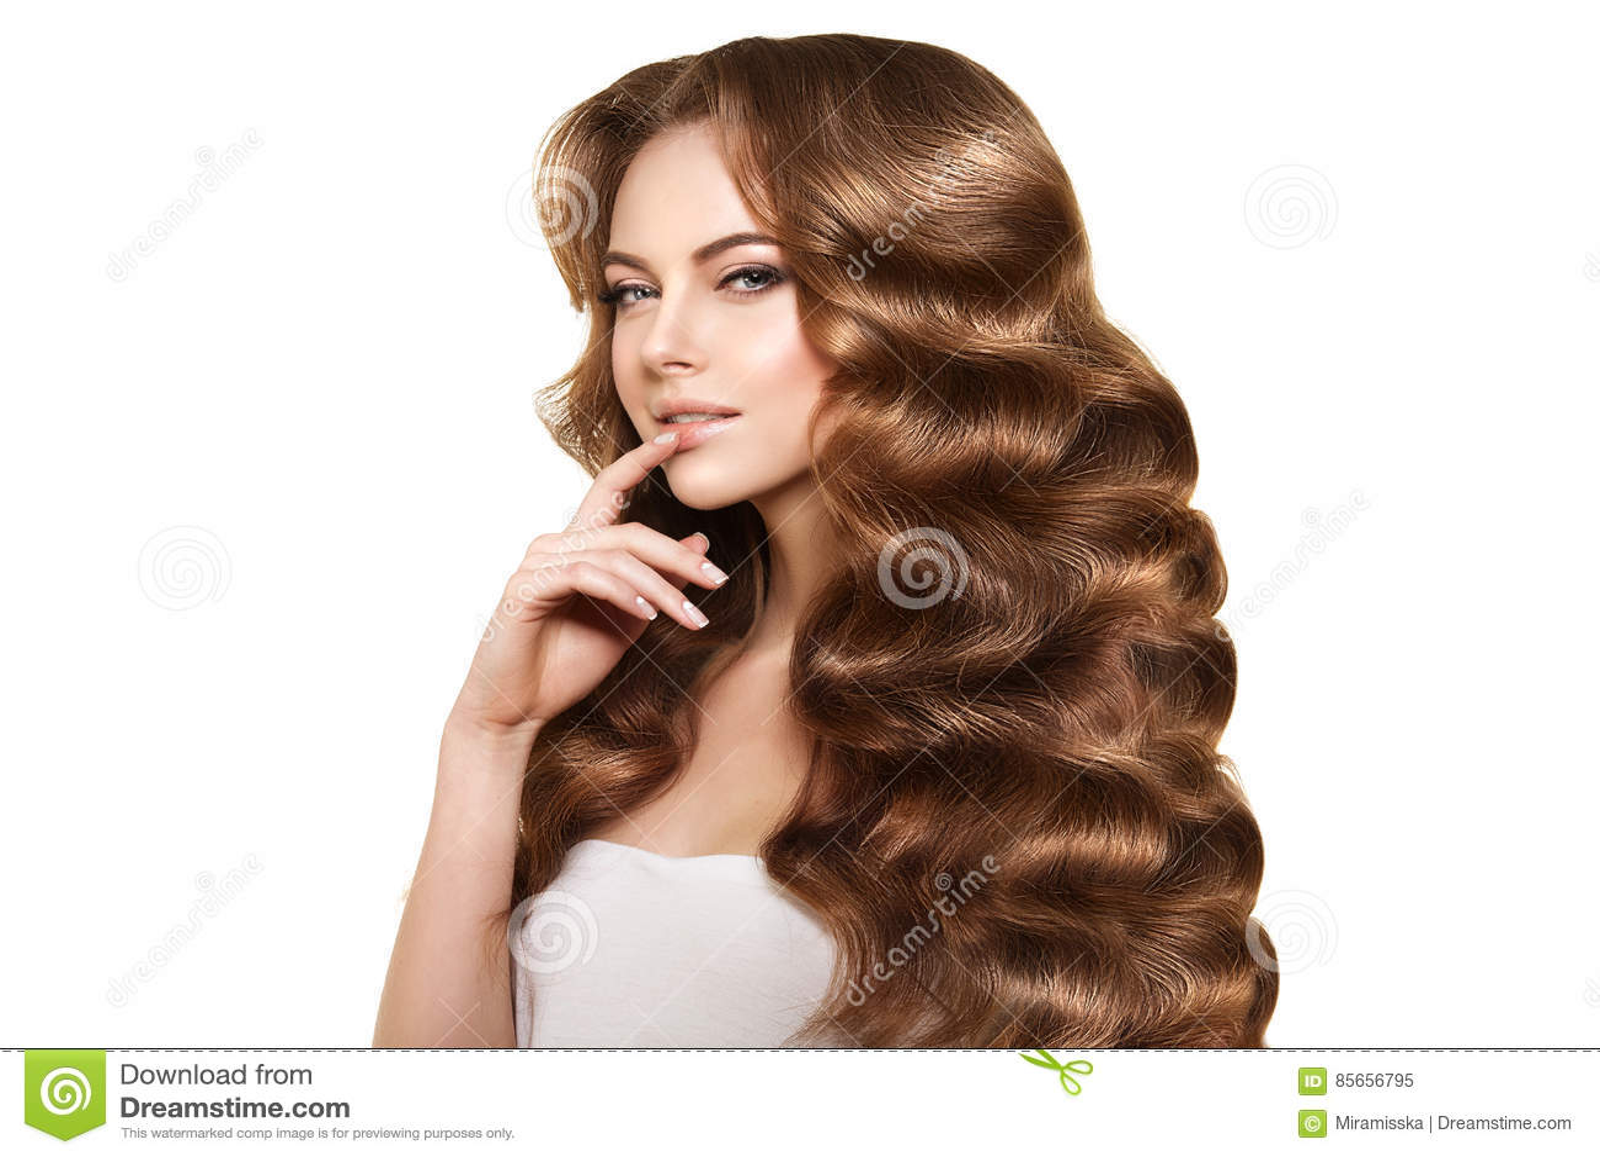 Długie Włosy Fala Kędziorów Fryzura Włosiany Salon Updo Moda